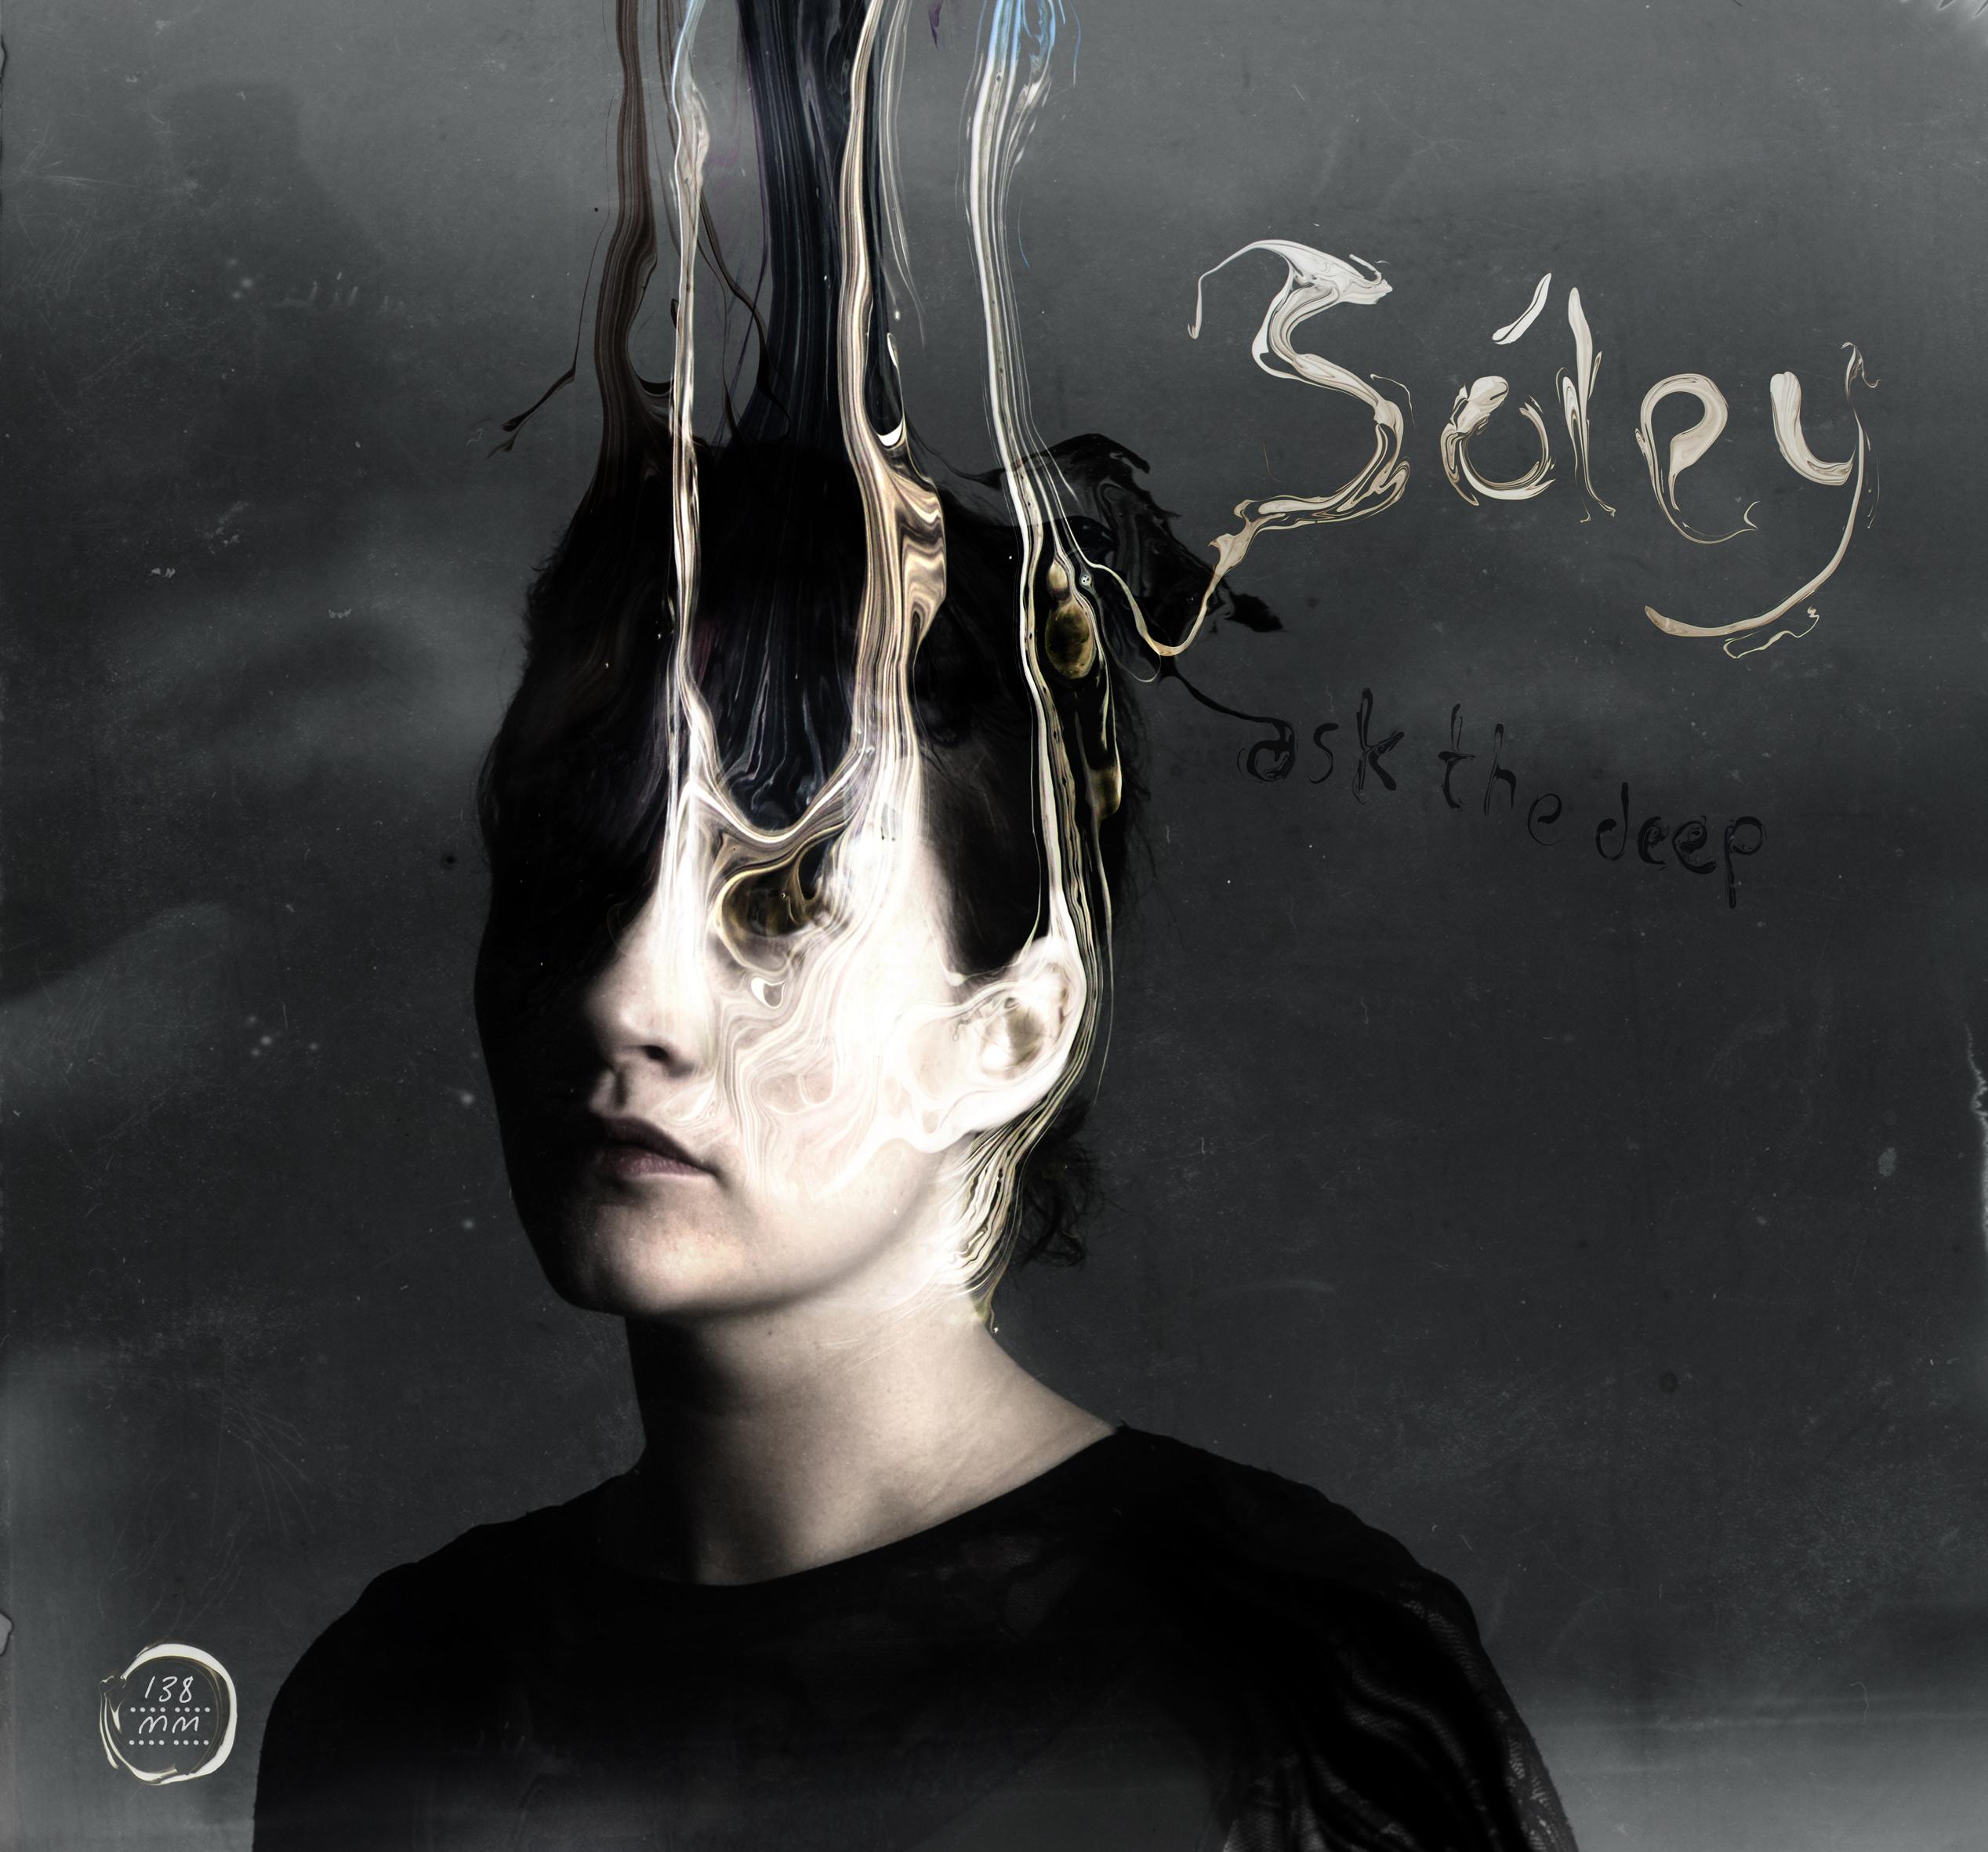 Sóley- Ask The Deep